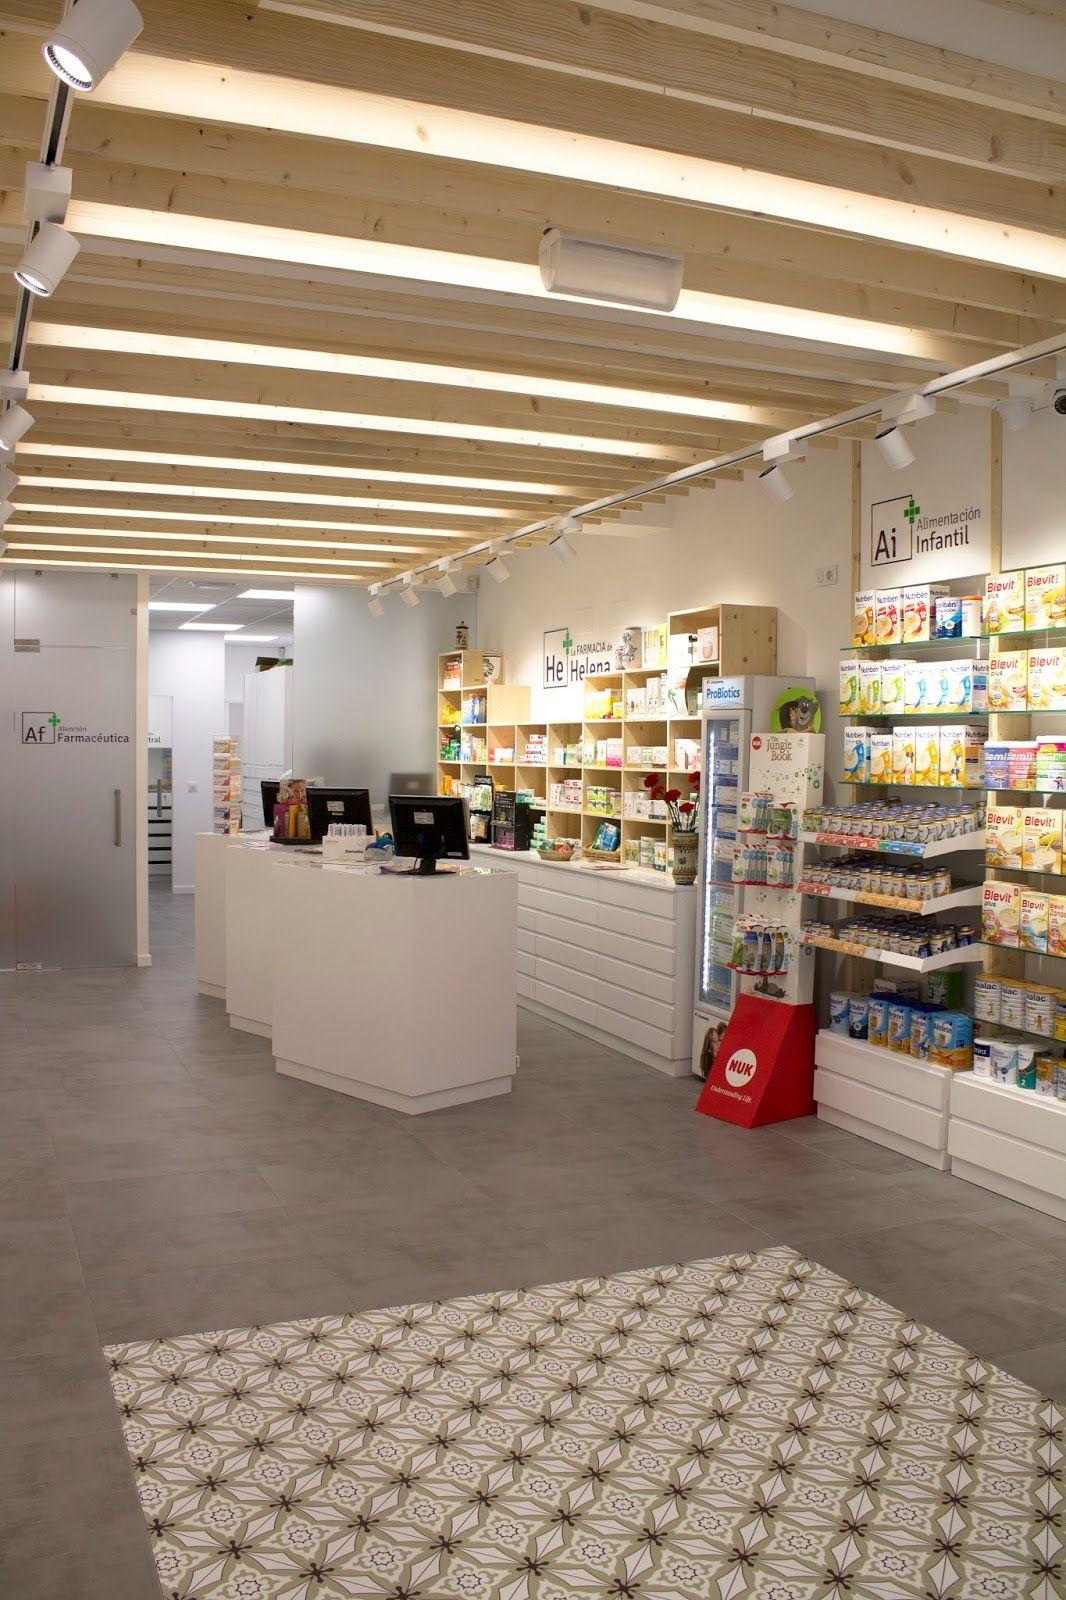 Charming Retail Interiors Design Blog | Blog Sobre Diseño De Interiores Comerciales  · ApothekenentwurfEinzelhandel InnenarchitekturKommerzielle ...